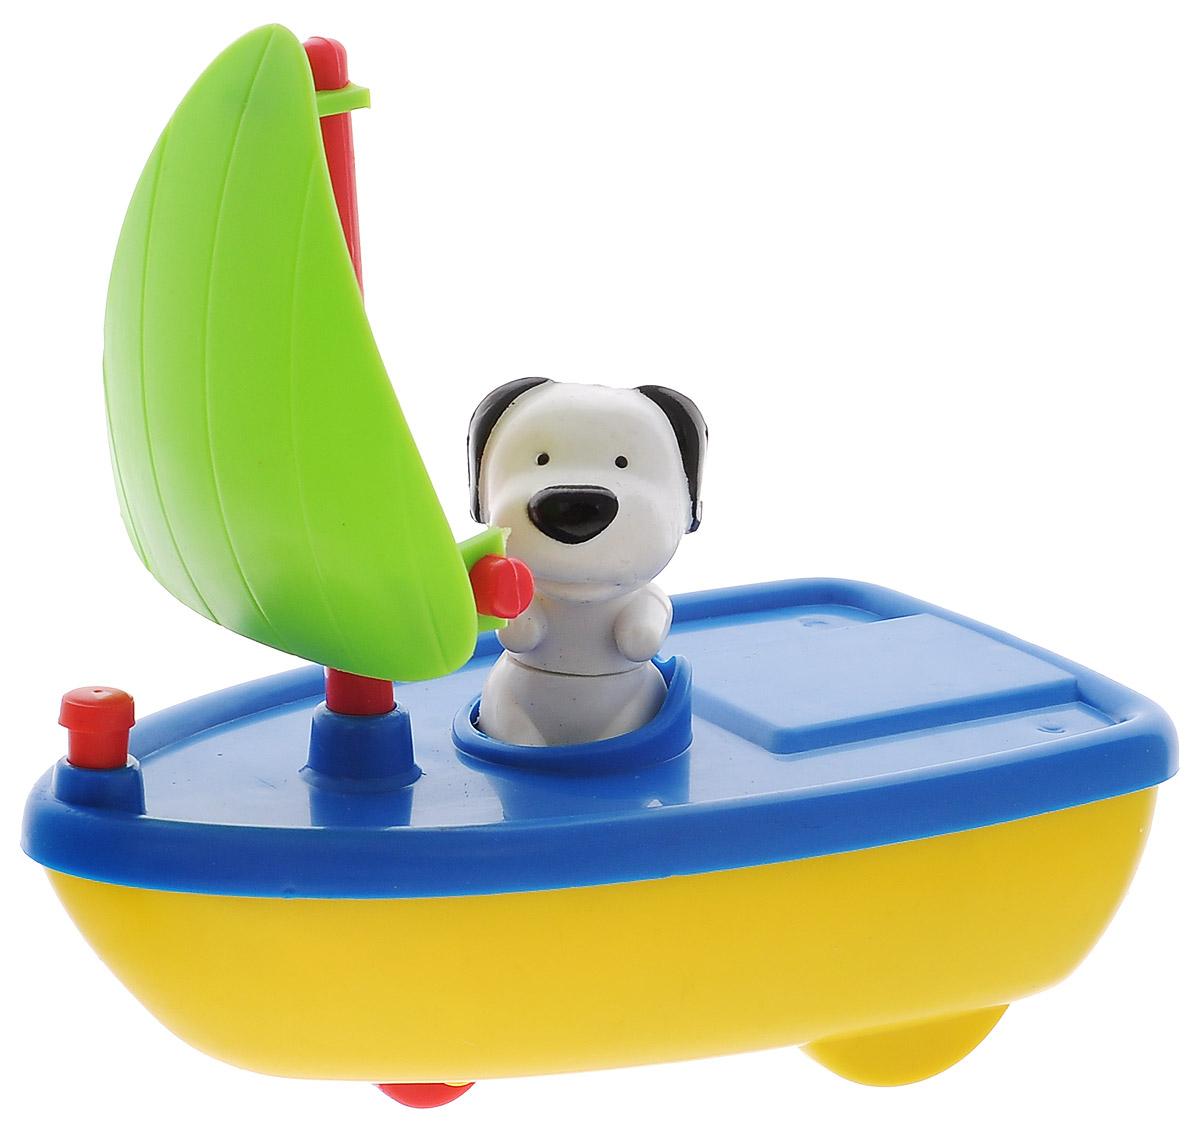 Жирафики Игрушка для ванной Гонки на воде под парусом, цвет: синий, желтый681125_парусЗаводная игрушка для ванной Жирафики Гонки на воде под парусом обязательно порадует вашего малыша и превратит купание в увлекательную игру. Игрушка ярких цветов выполнена из качественных материалов и абсолютно безопасна для малышей. Лодочка плавает по воде, брызгает во время движения. Игрушка предназначена для сюжетно-ролевых игр, развития внимания, координации движений и логического мышления.